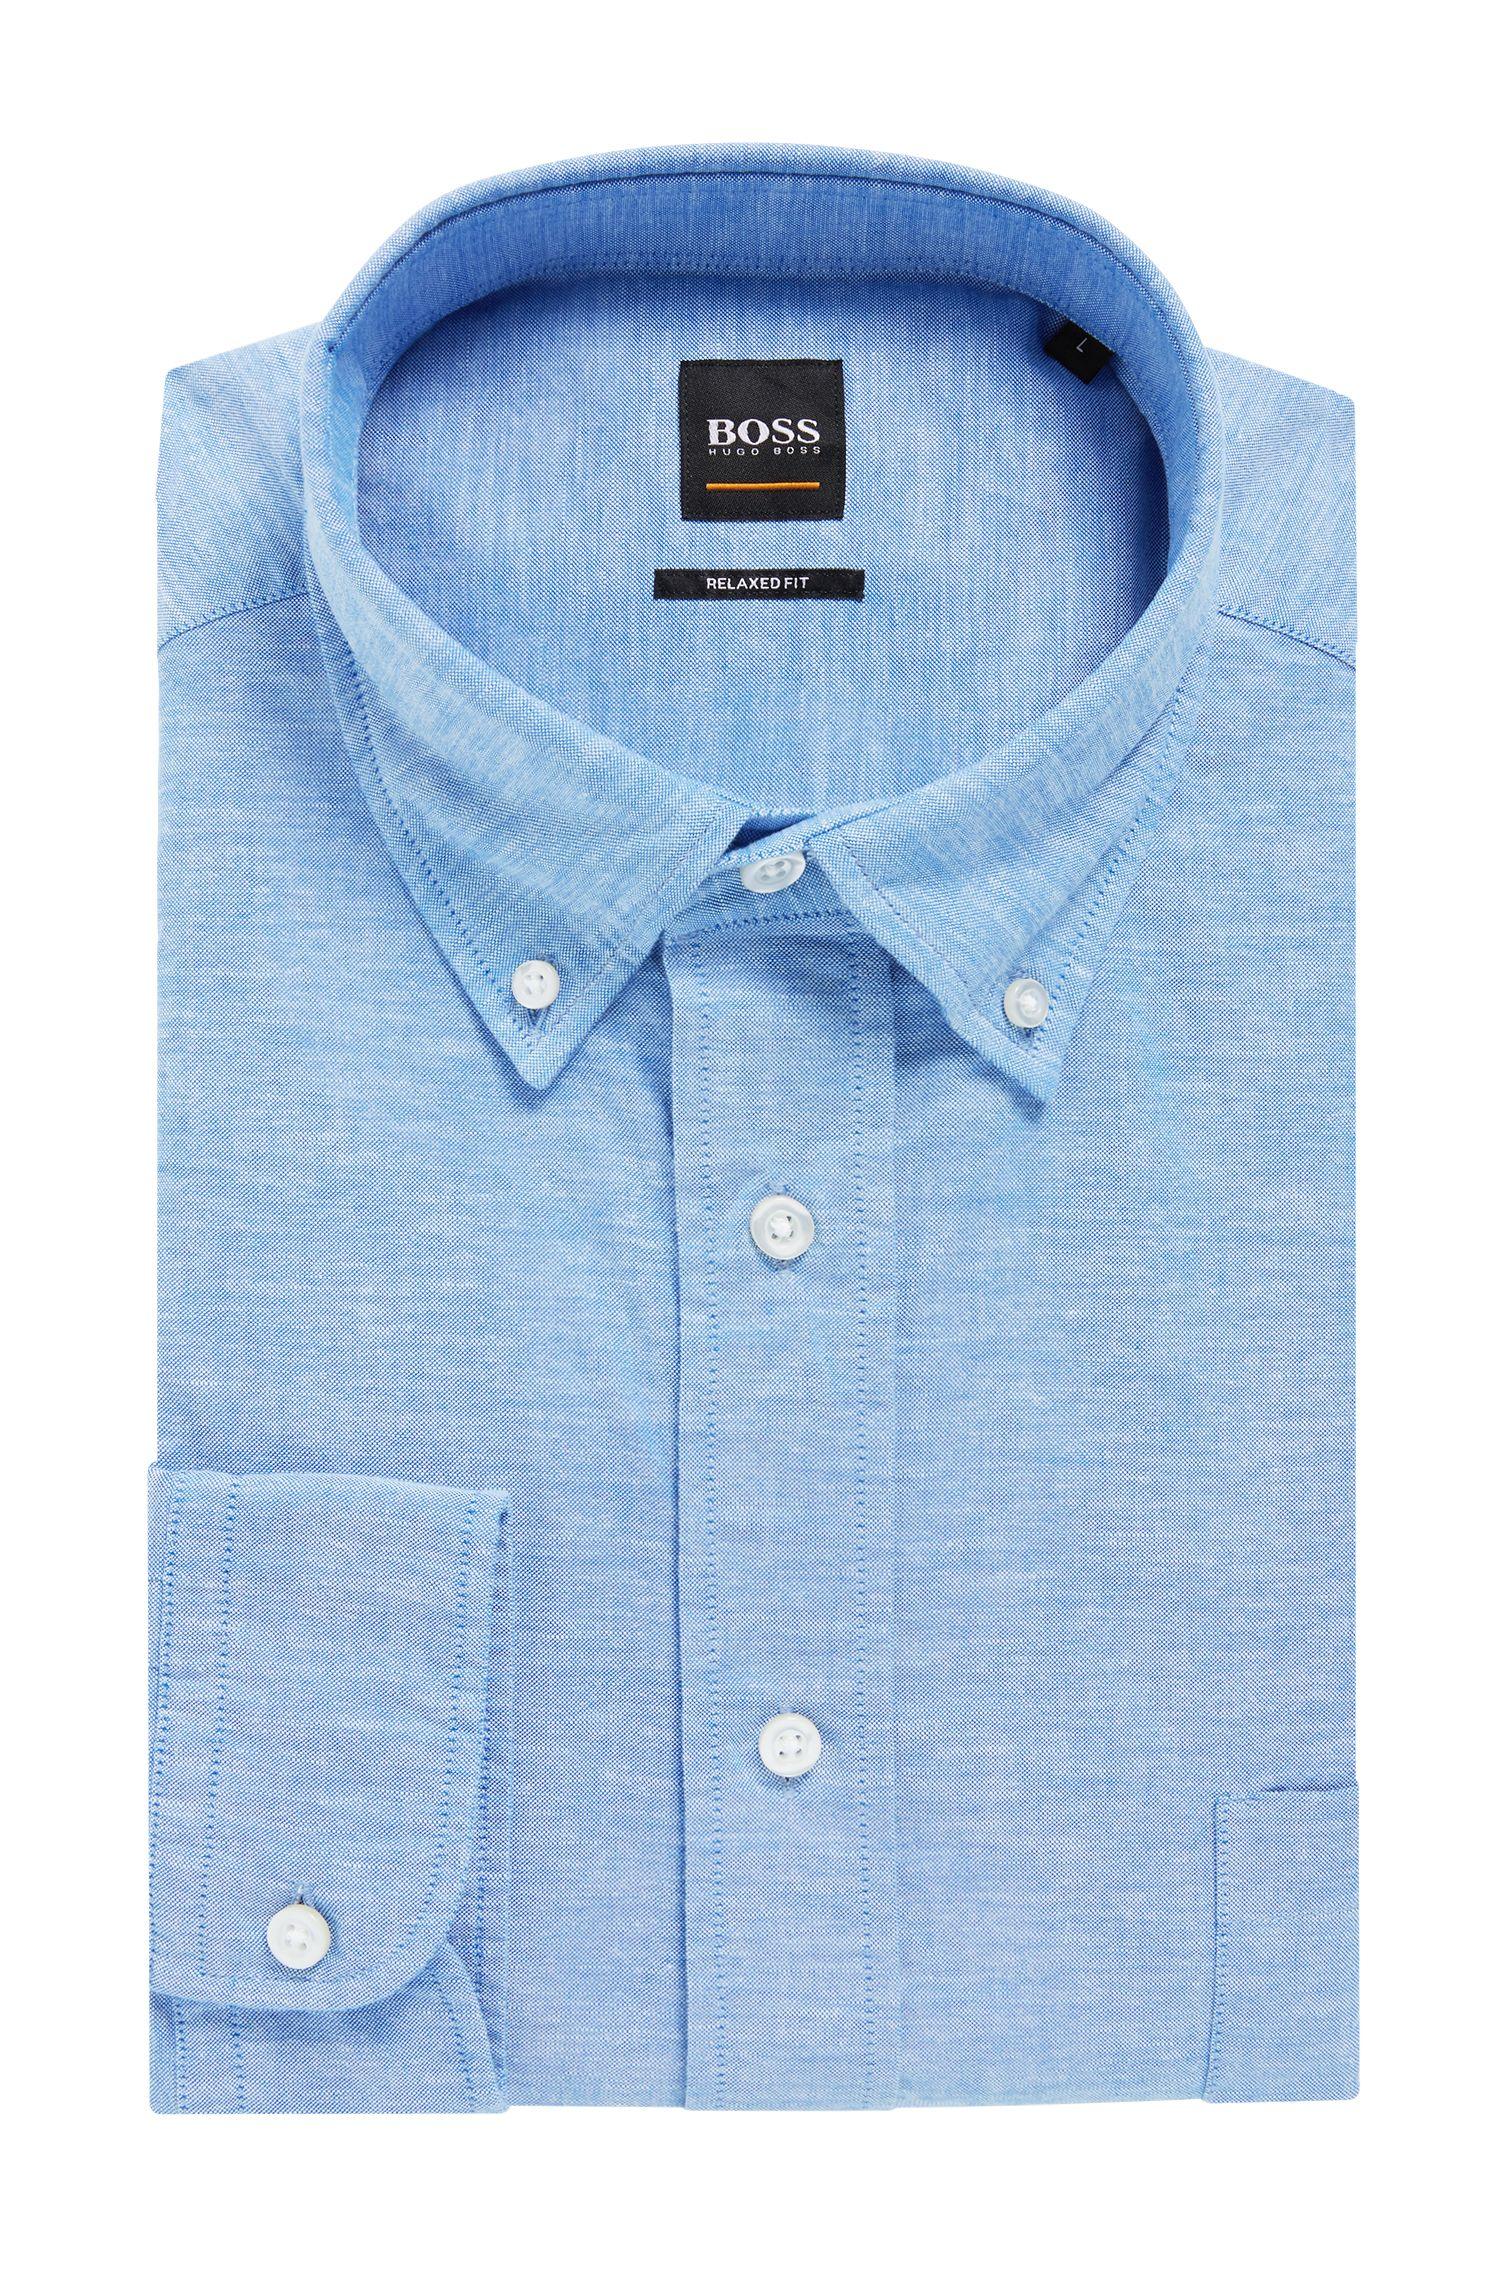 Relaxed-fit Oxfordoverhemd met buttondownkraag, Lichtblauw